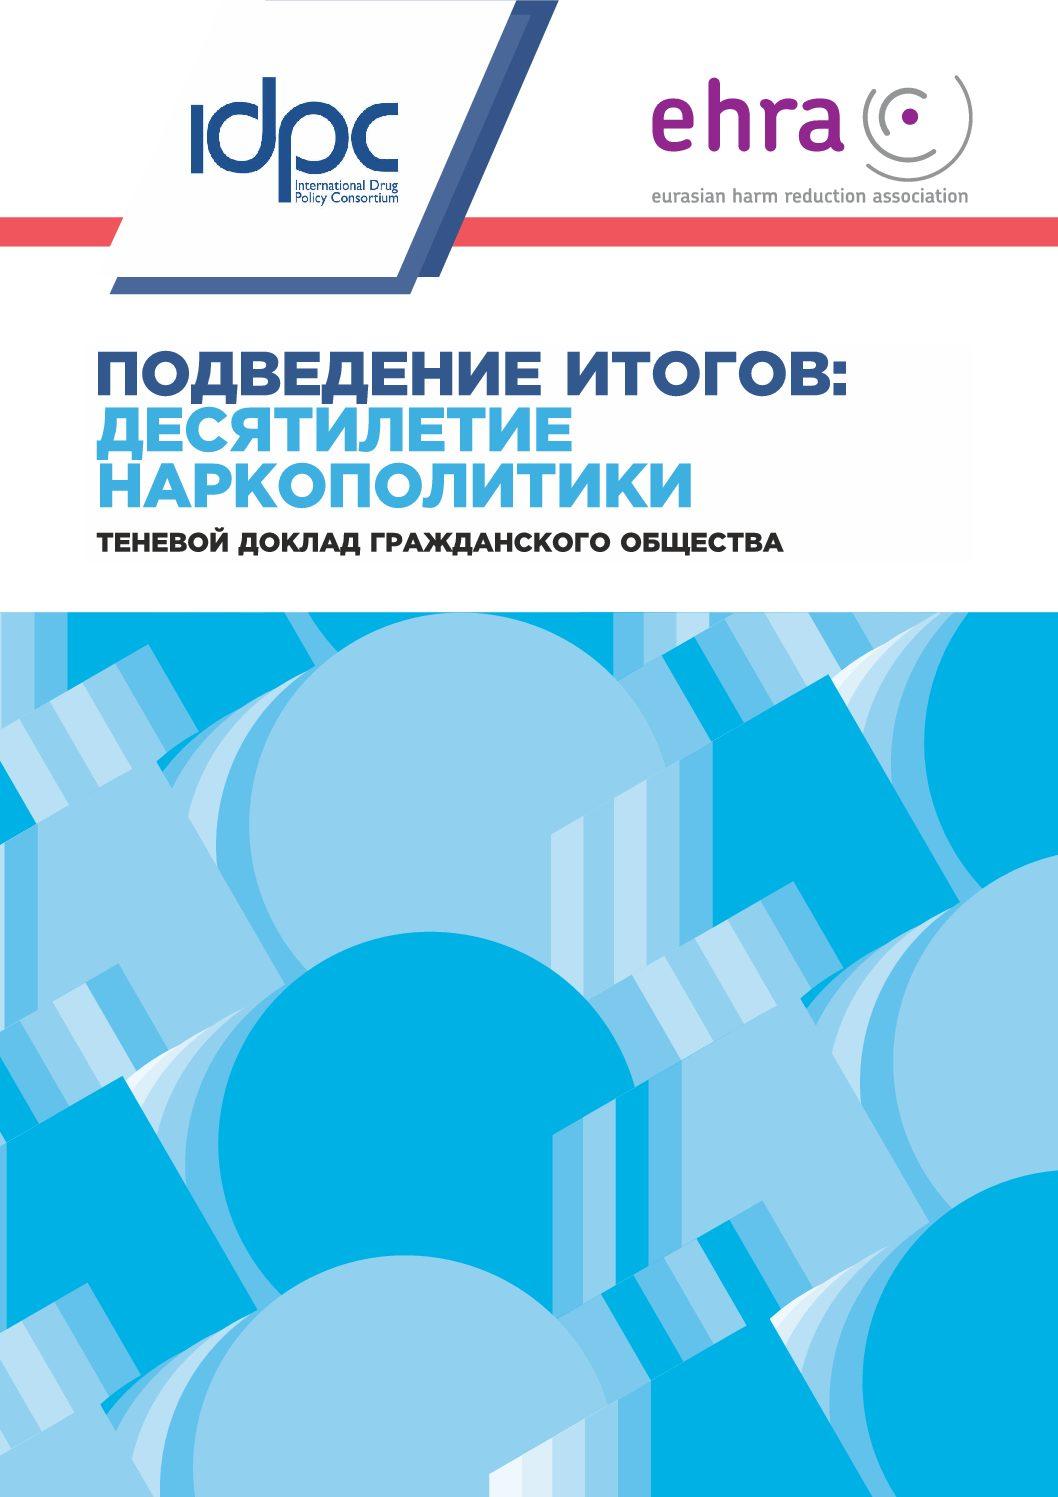 Десятилетие наркополитики: Теневой доклад гражданского общества